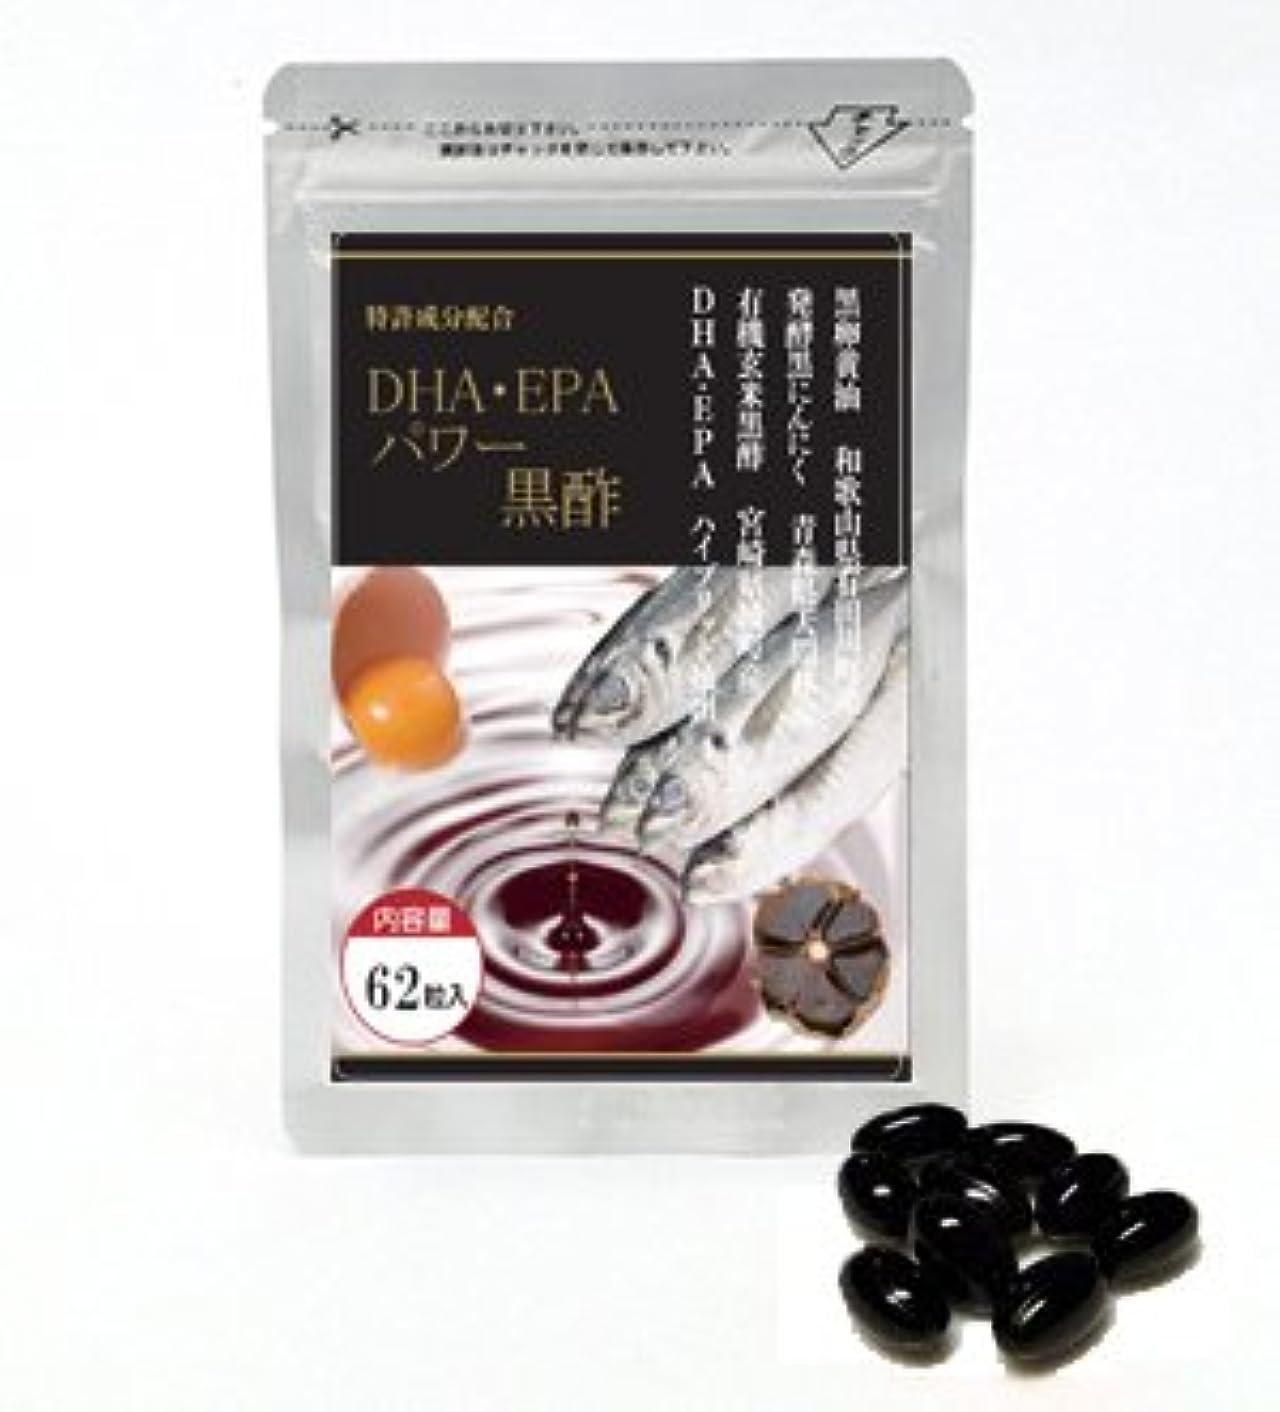 ストリームラケット参照国産原料使用 DHA?EPA発酵黒にんにく黒酢(1球460mg62粒入 約1~2ヶ月分)